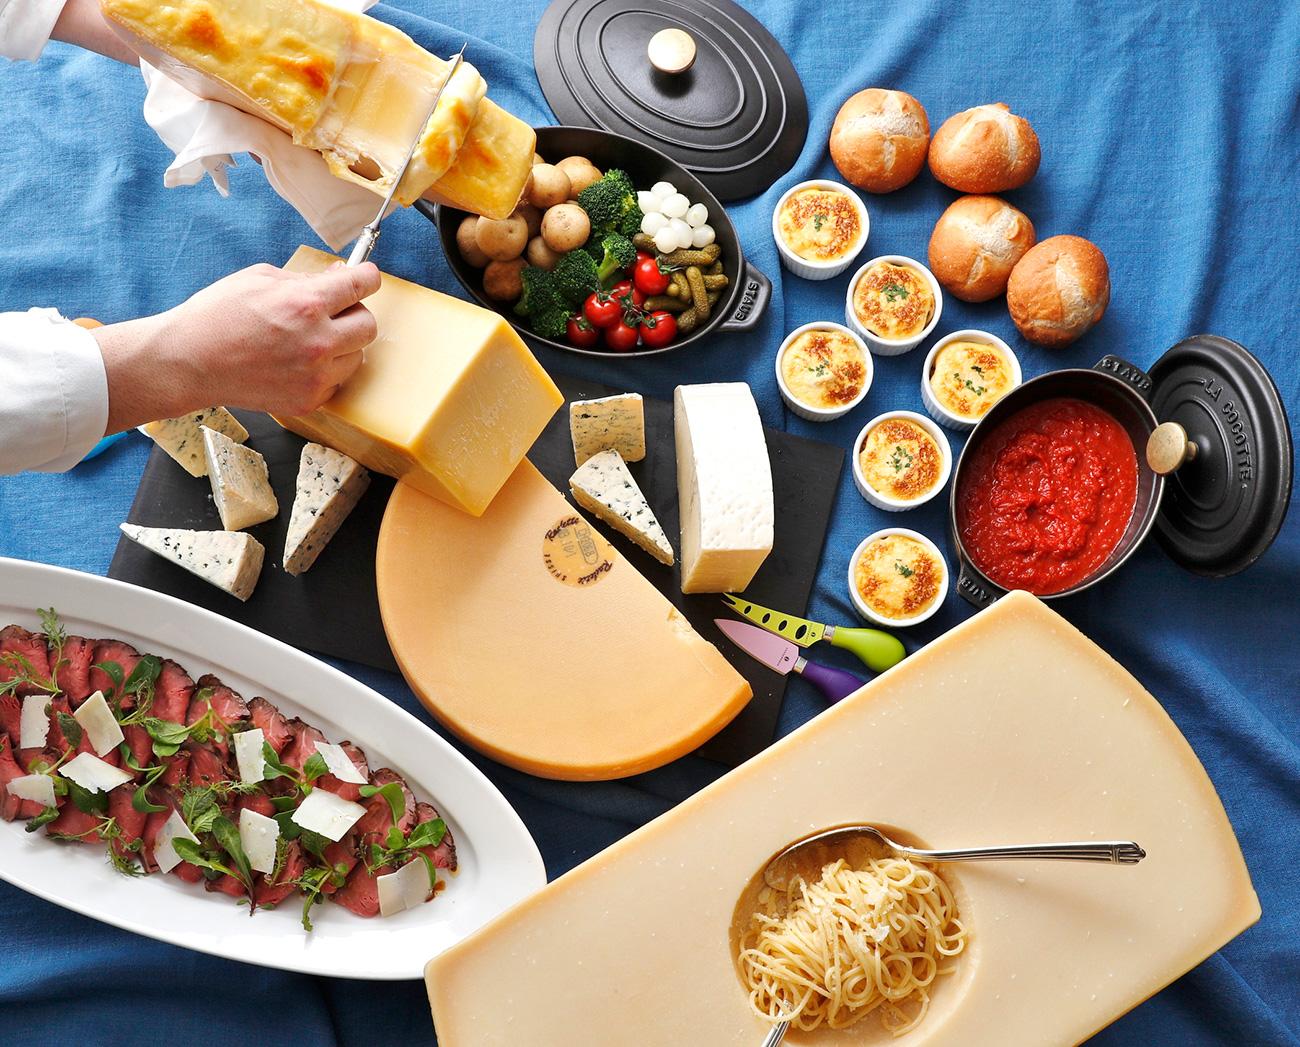 ホテルニューグランド、チーズがテーマのビュッフェ「チーズ チーズ チーズ」を開催!